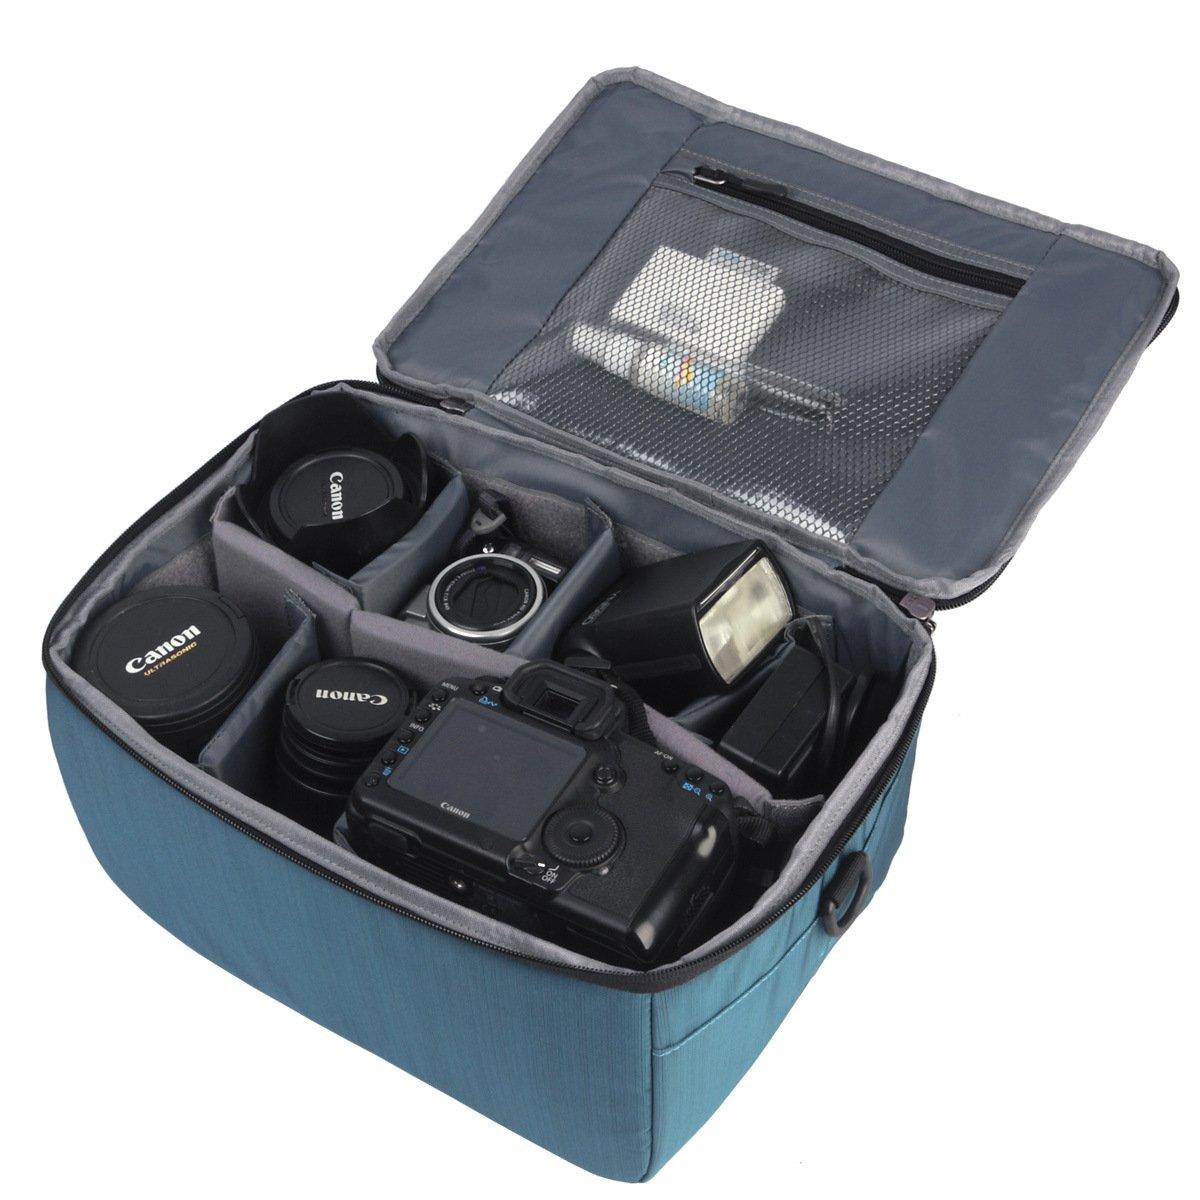 Partition antichoc étanche appareil photo Sacs rembourré SLR Housse de protection Insérer DSLR avec poignée supérieure et une bandoulière réglable pour la lentille Shot DSLR Ou Flash Light (Black, L) Yimidear